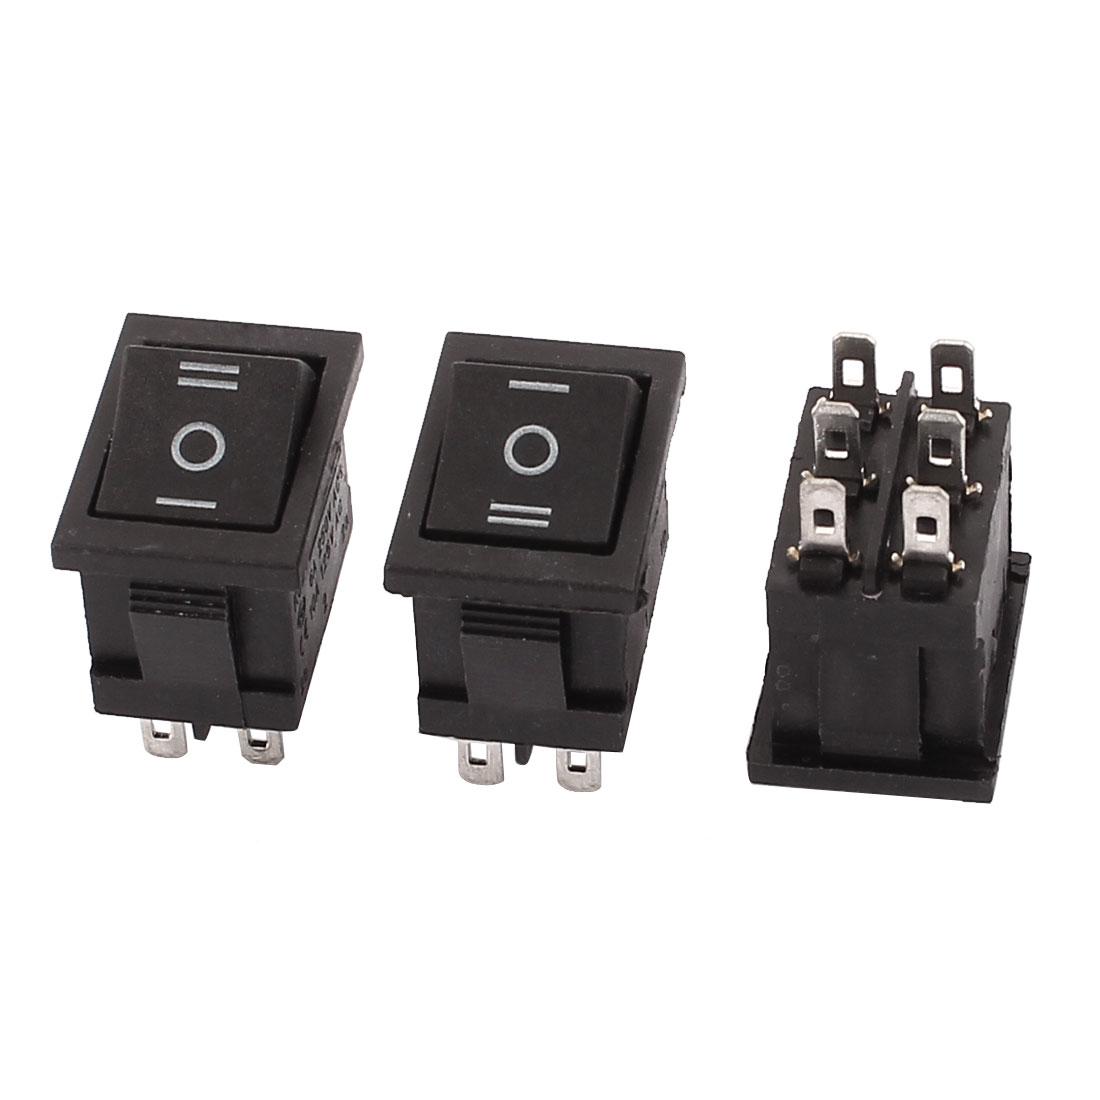 3 Pcs AC 250V 6A 125V 10A 6 Terminals DPDT On/Off/On Boat Rocker Switch Black